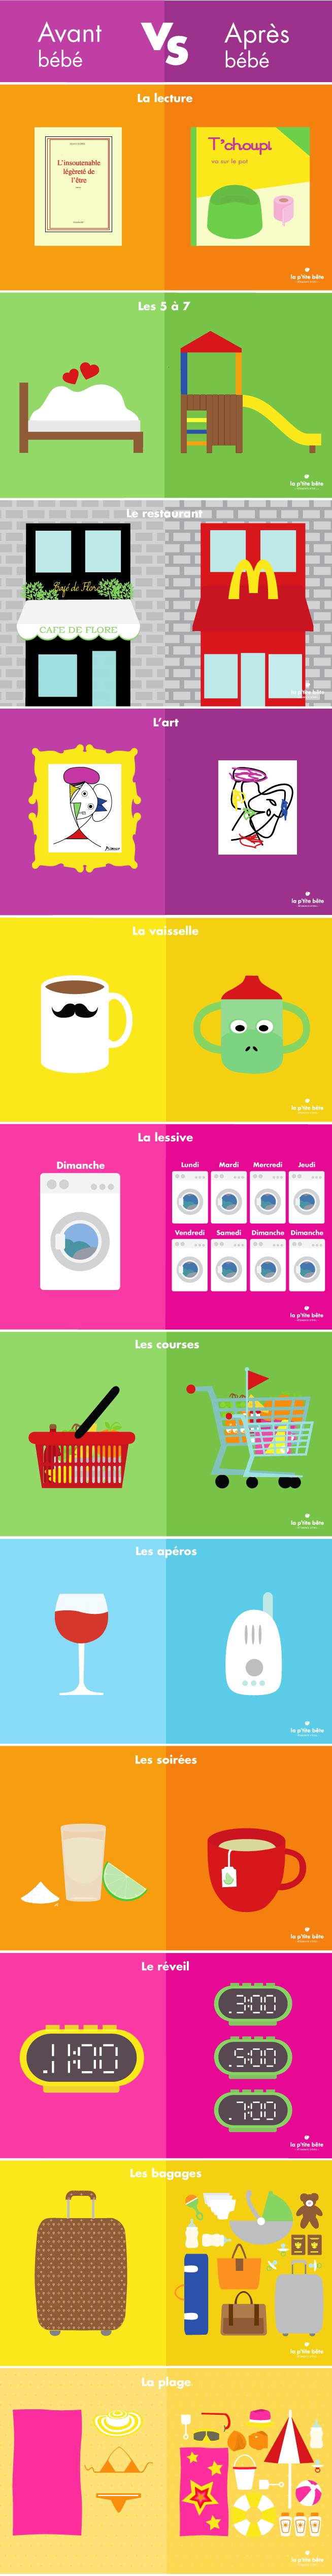 On peut vite constater que nos vies changent après la naissance de bébé. Voici une infographie humoristique qui montre bien ce changement d'organisation.